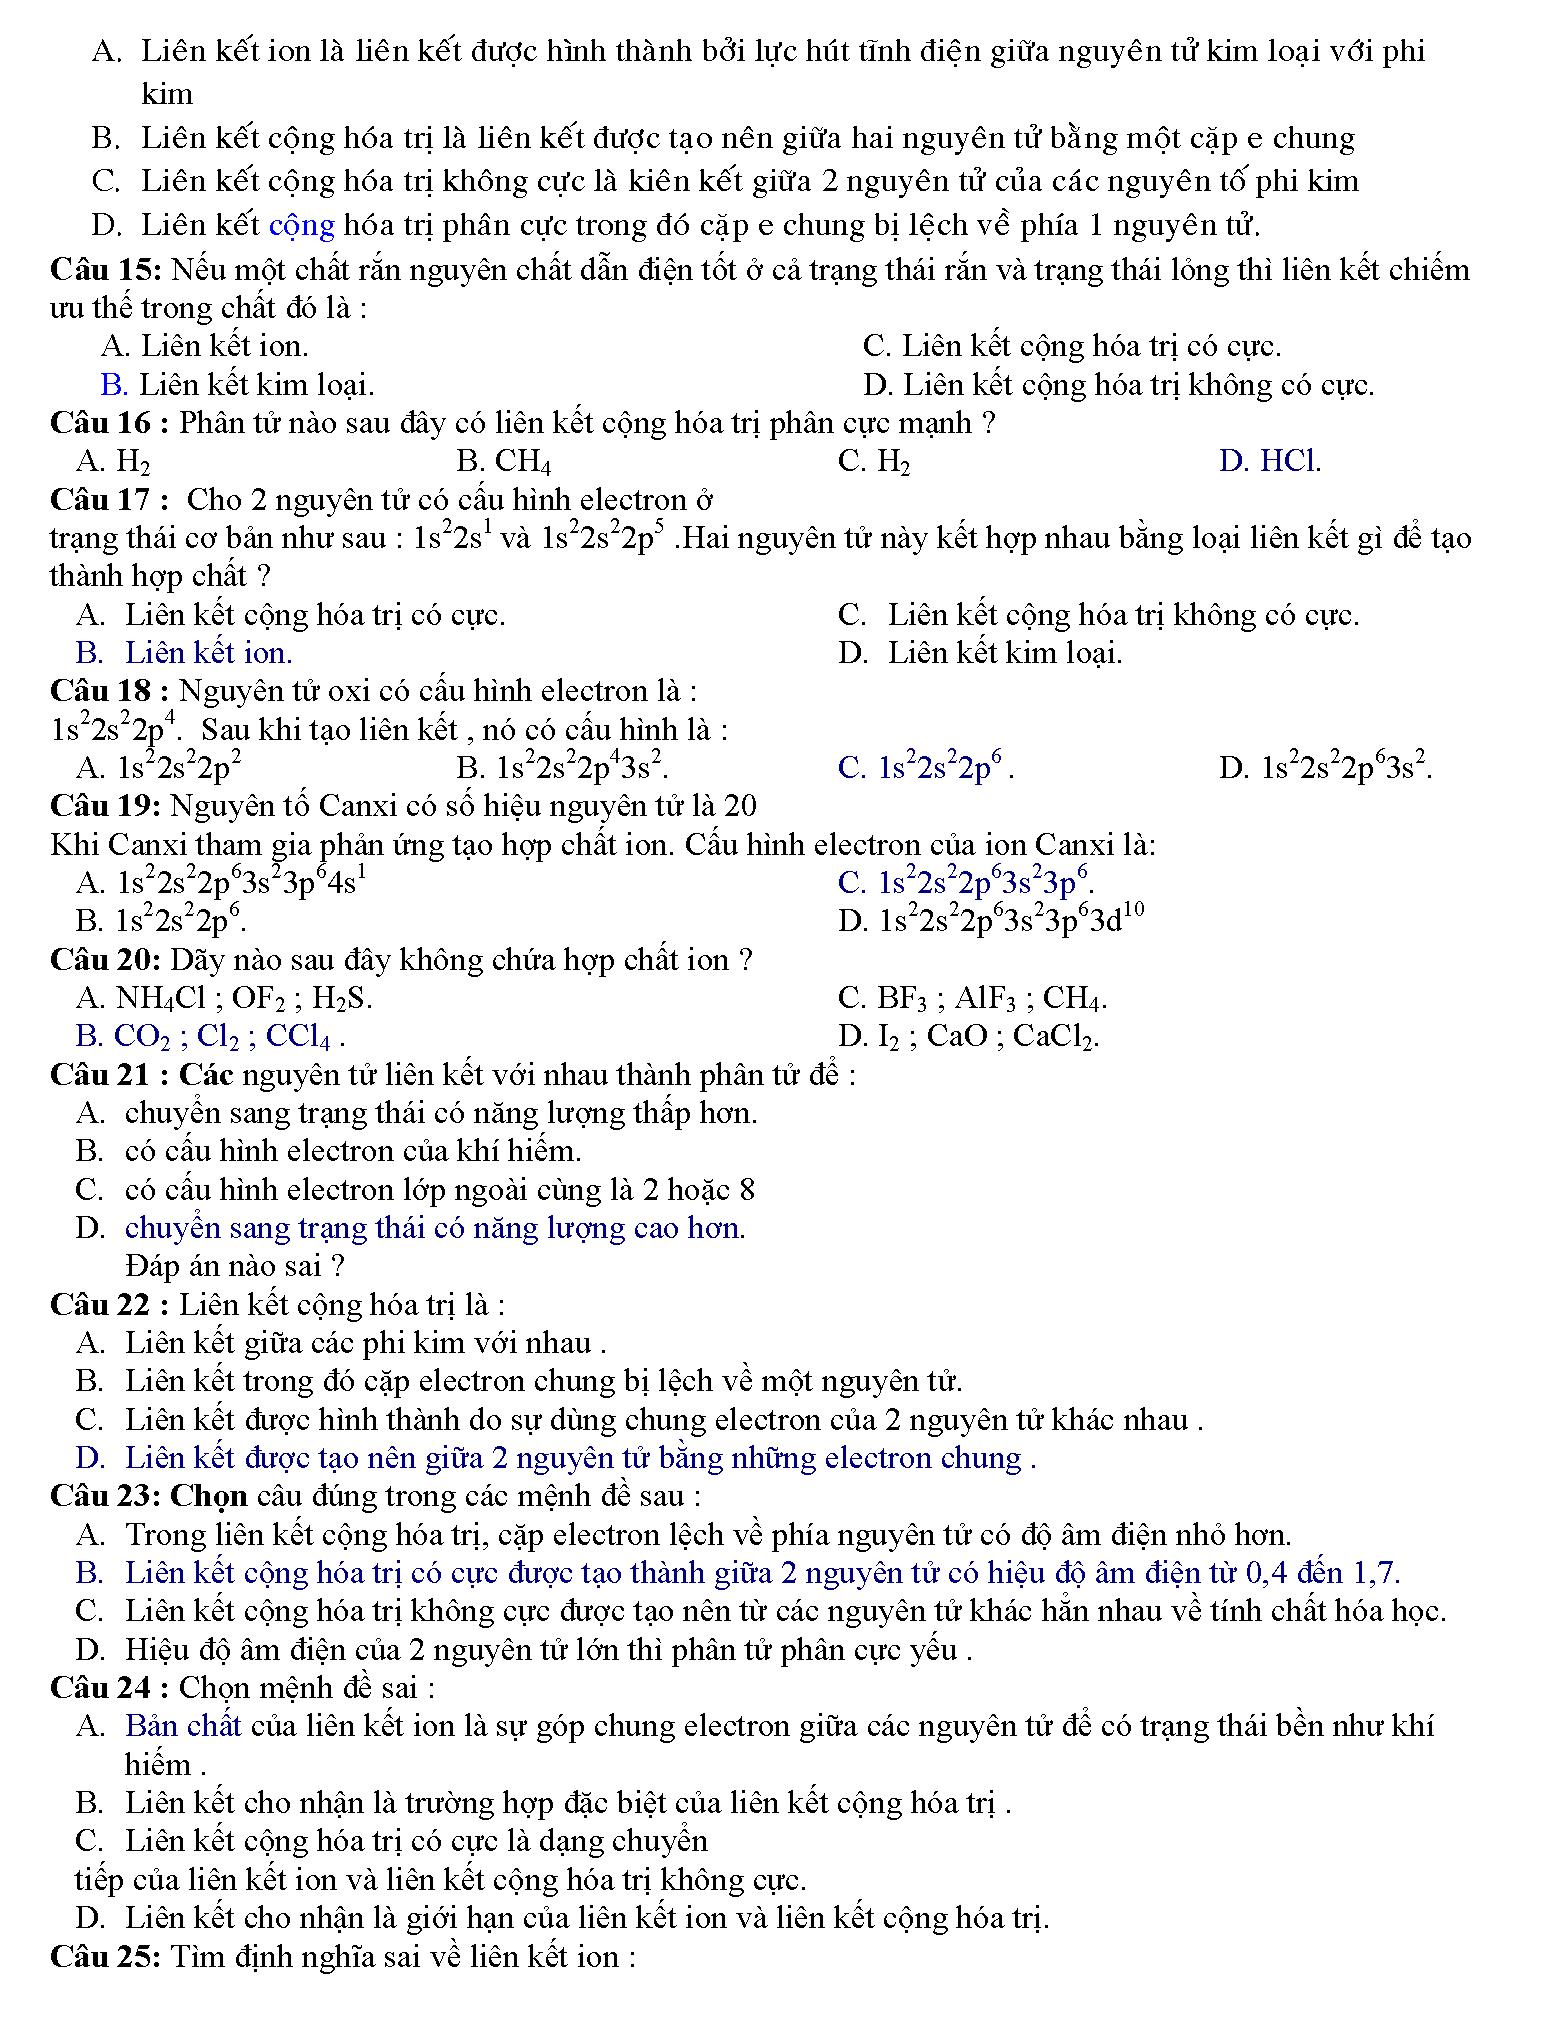 công thức electron của sio2